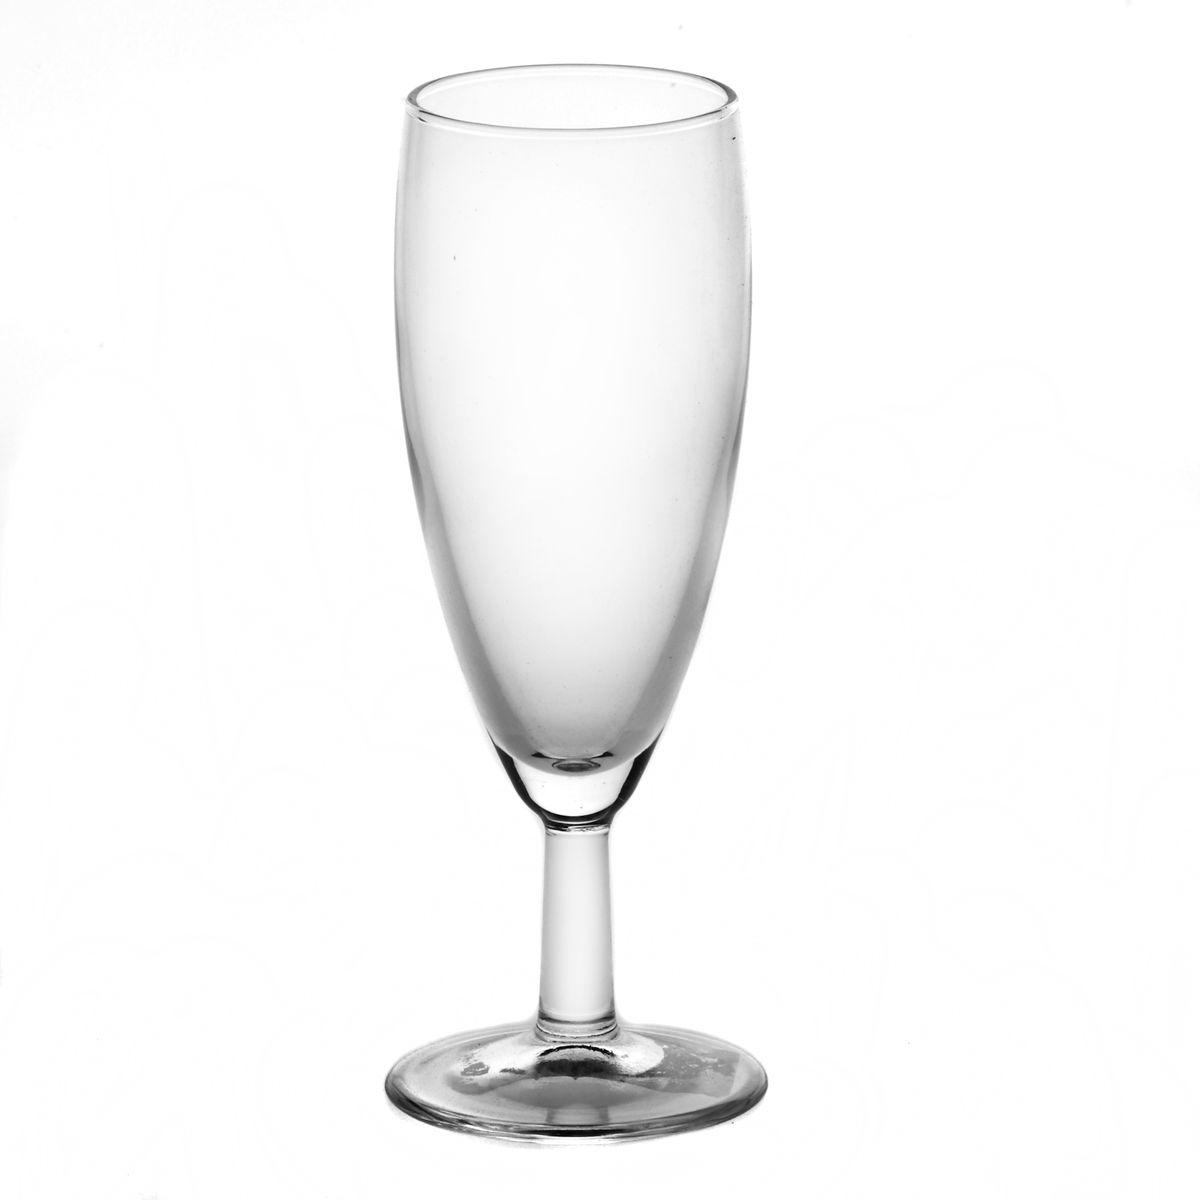 Набор бокалов Pasabahce Banquet, 155 мл, 6 шт44455BНабор Pasabahce Banquet состоит из шести бокалов, выполненных из прочного натрий-кальций-силикатного стекла. Изделия оснащены невысокими ножками. Бокалы сочетают в себе элегантный дизайн и функциональность. Благодаря такому набору пить напитки будет еще вкуснее. Набор бокалов Pasabahce Banquet прекрасно оформит праздничный стол и создаст приятную атмосферу за ужином. Такой набор также станет хорошим подарком к любому случаю. Можно мыть в посудомоечной машине и использовать в микроволновой печи. Диаметр бокала (по верхнему краю): 4,5 см. Высота бокала: 16 см.